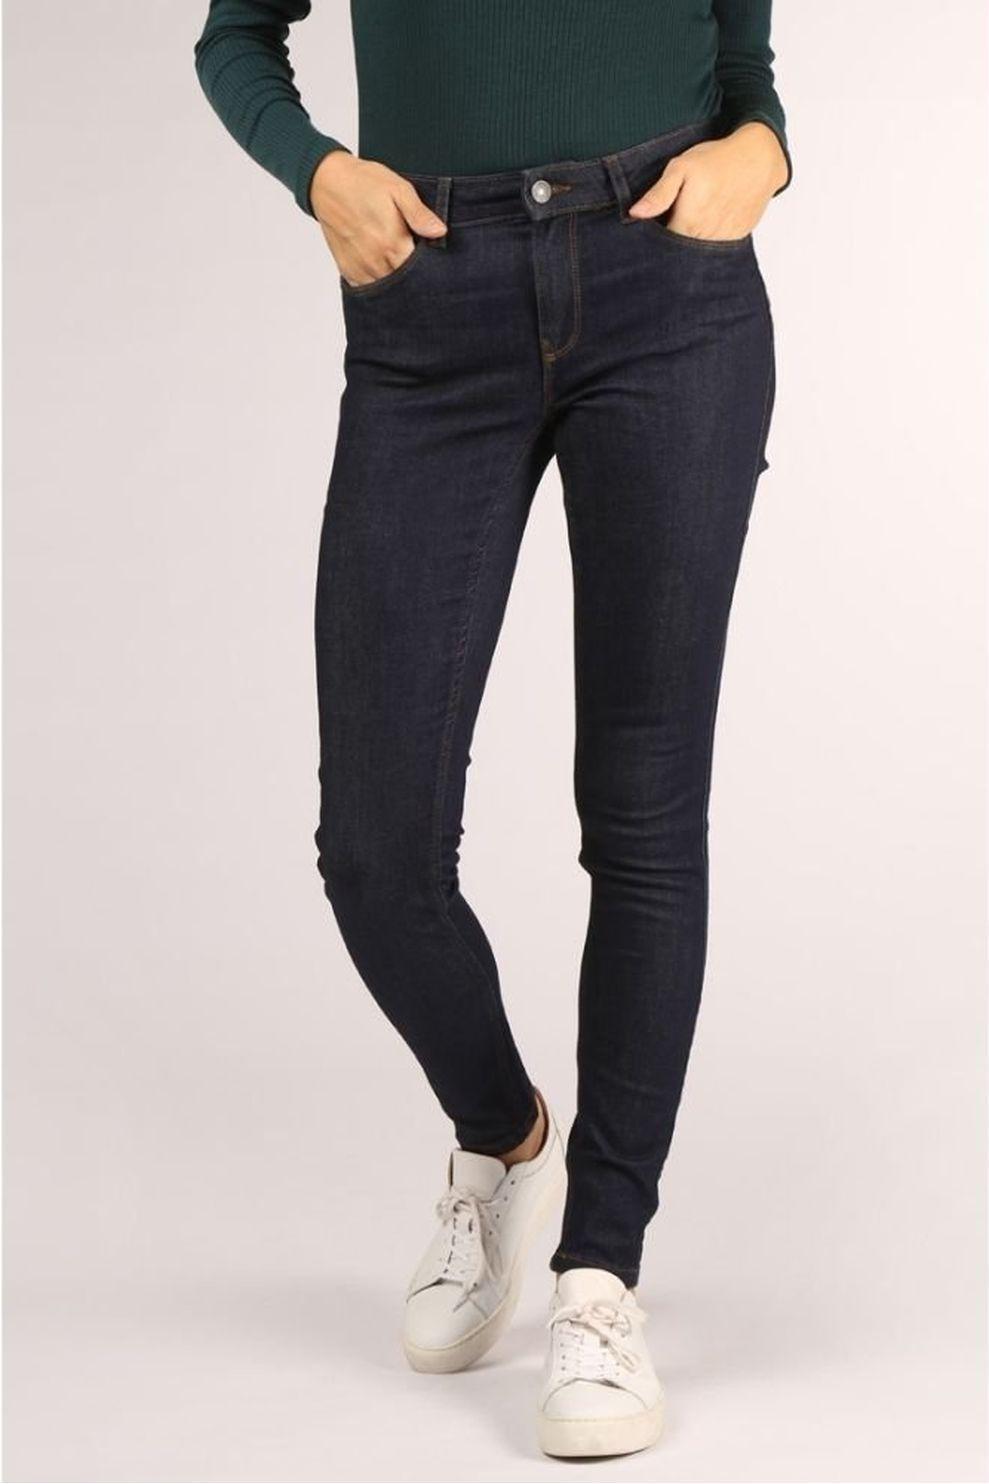 Vero Moda Jeans Seven Shape Up voor dames - Blauw - Maten: 36/32, 36/34, 38/32, 38/34, 40/32, 40/34,